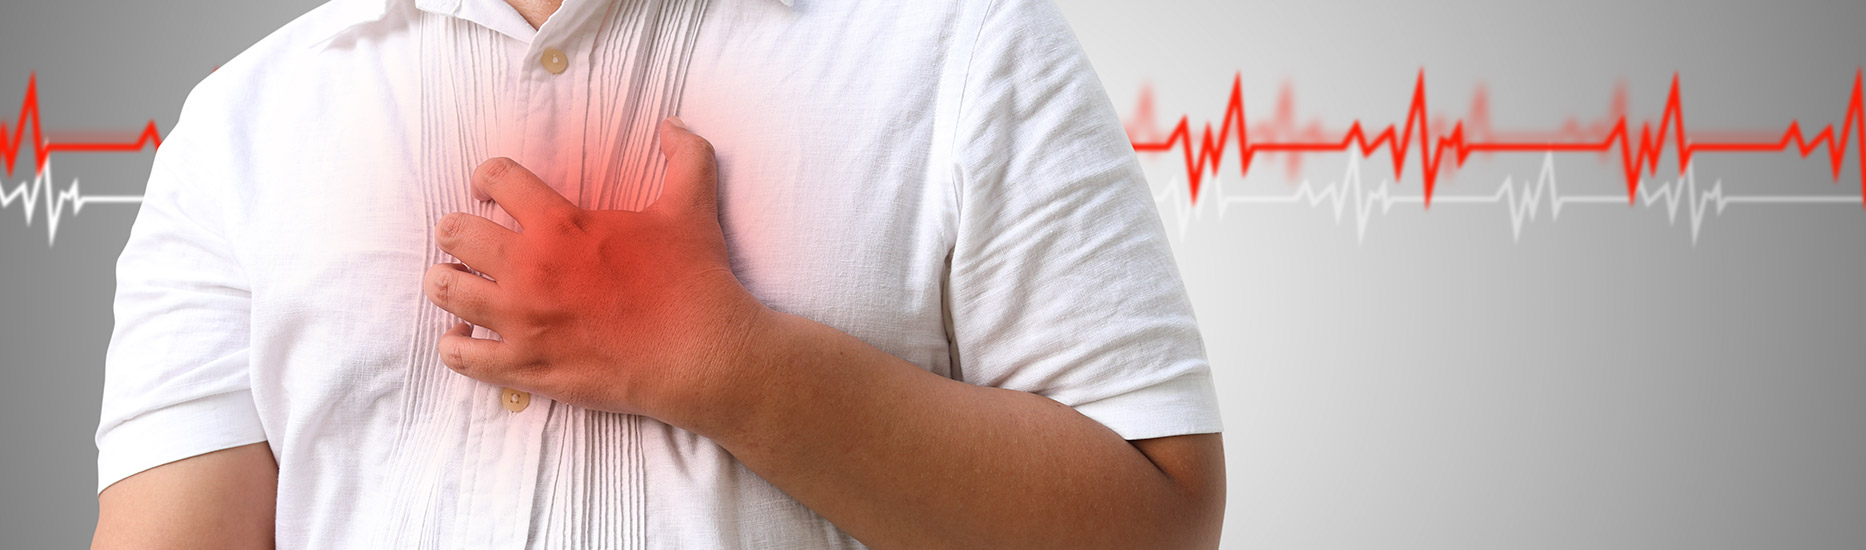 Schluss mit Bluthochdruck